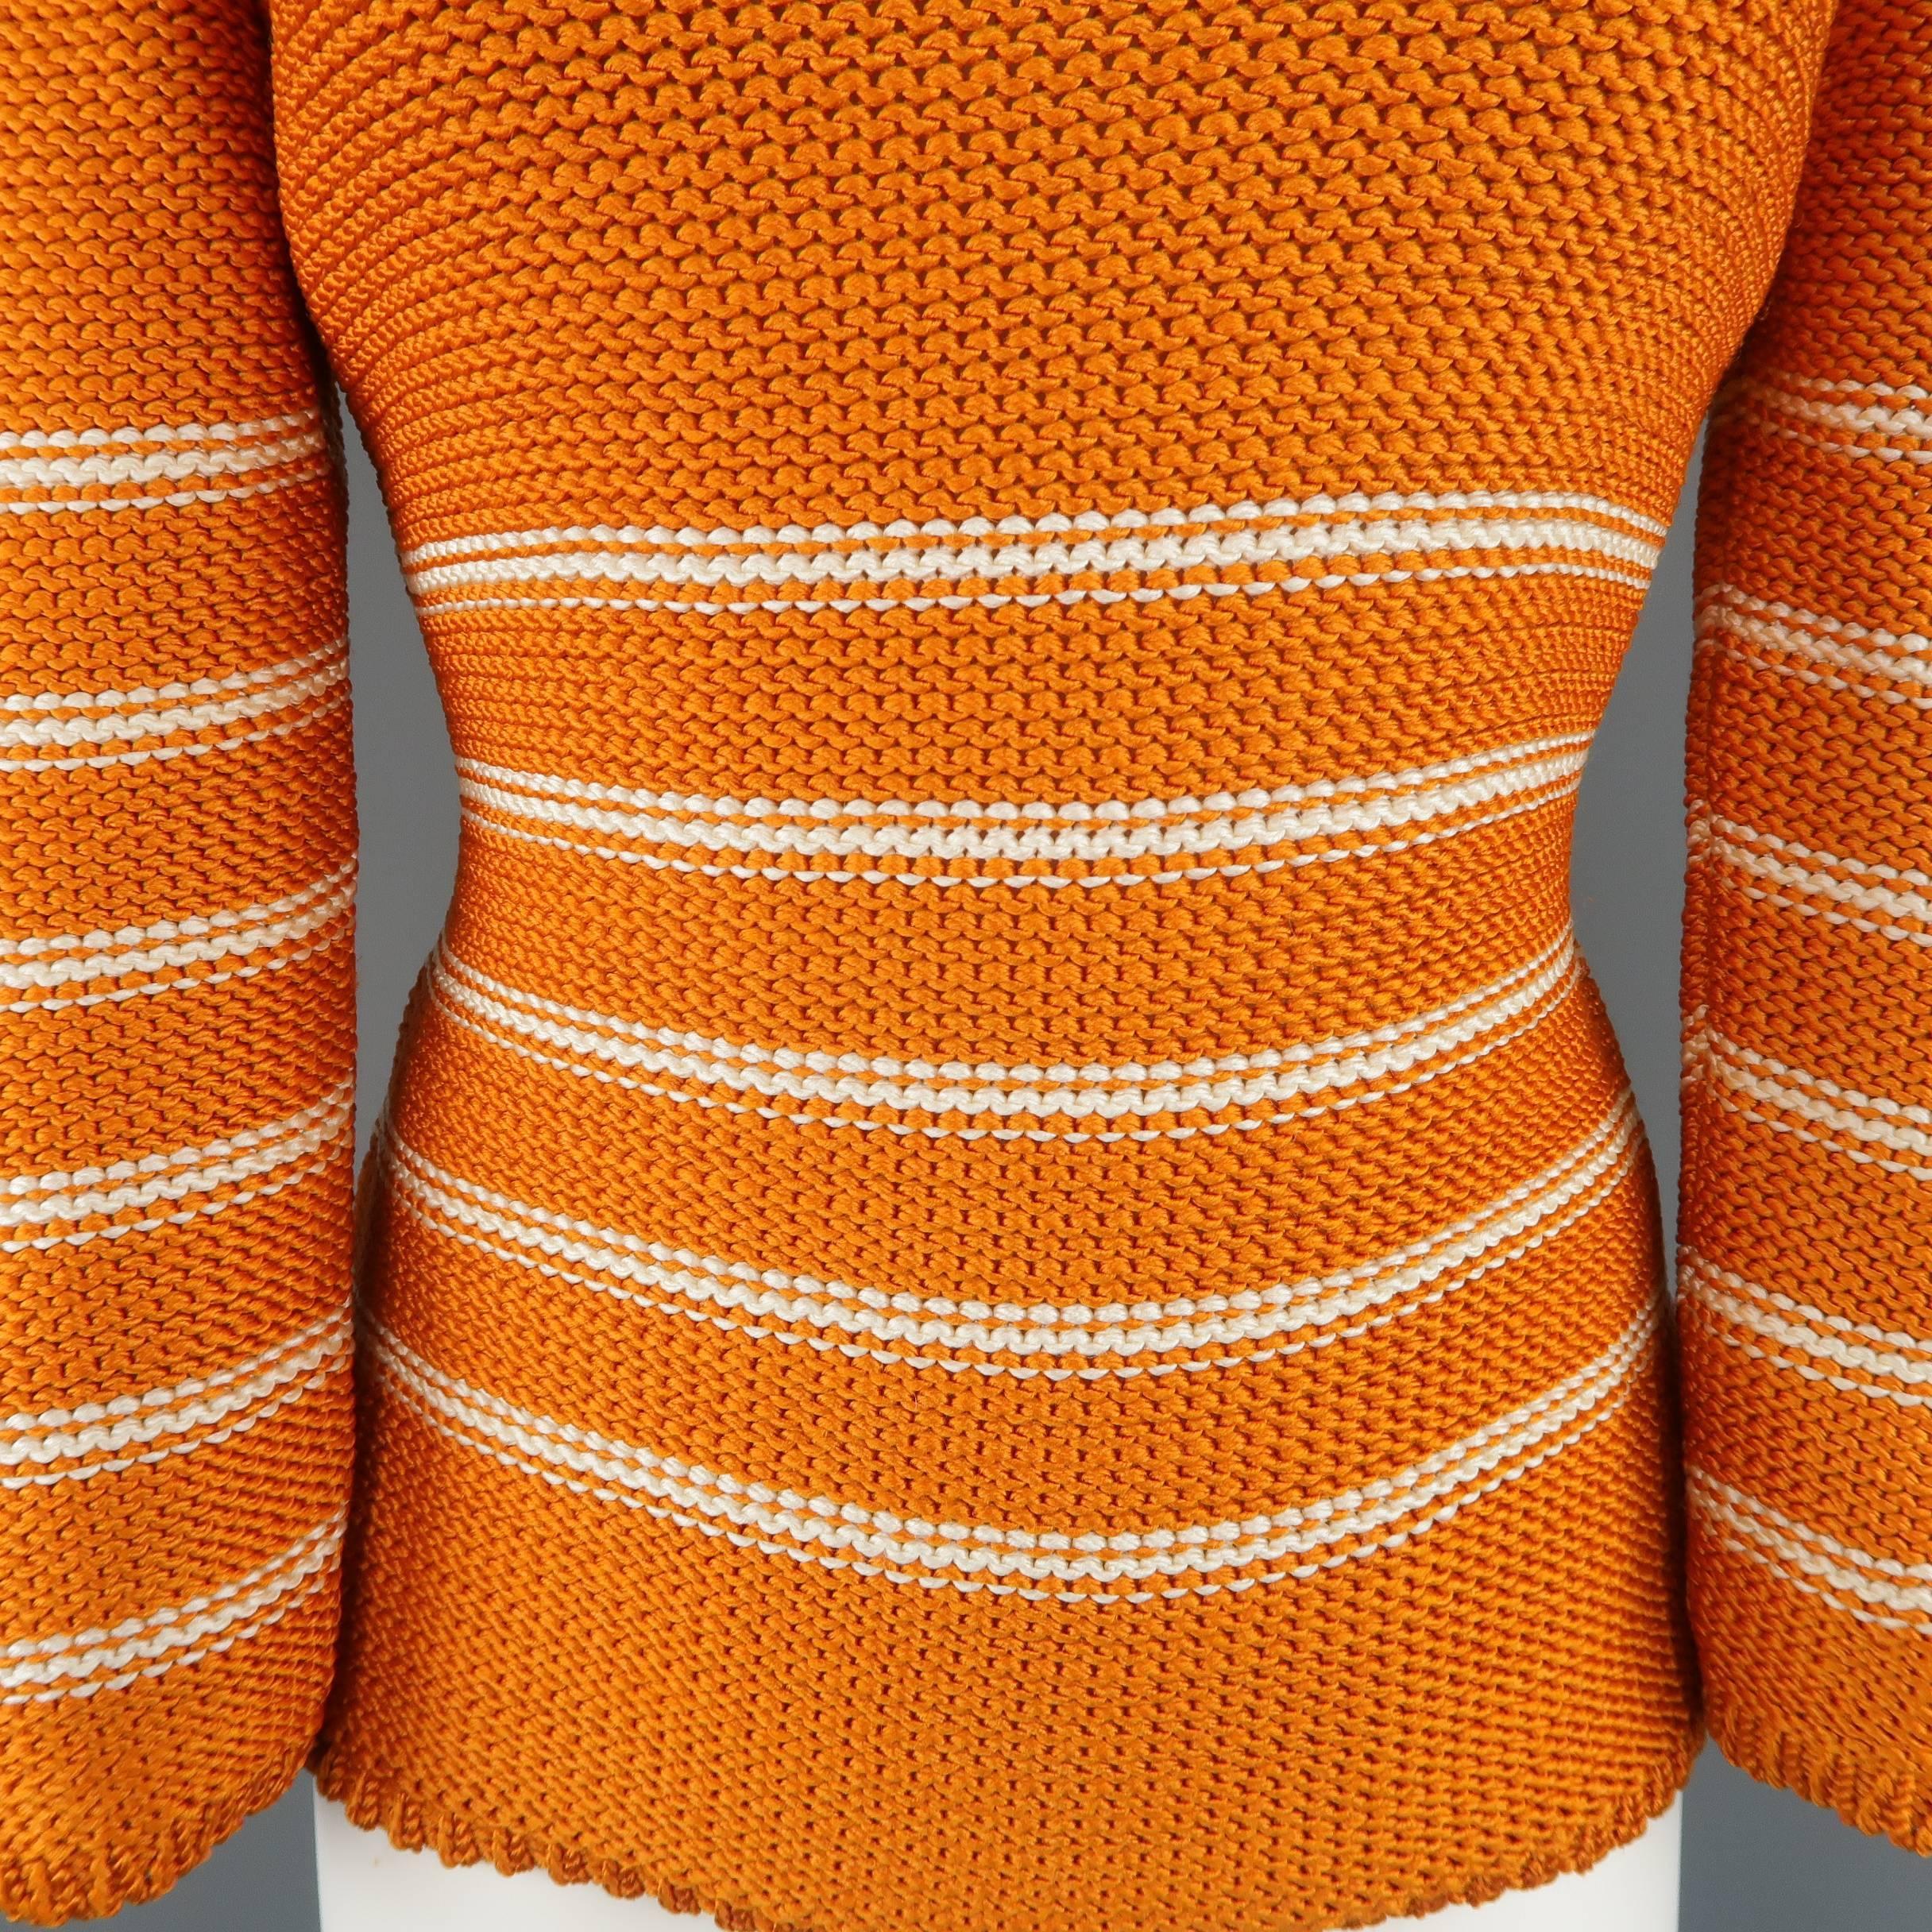 23e4b2c0b47d Oscar de la Renta Orange and Cream Striped Silk Knit Pullover For Sale at  1stdibs